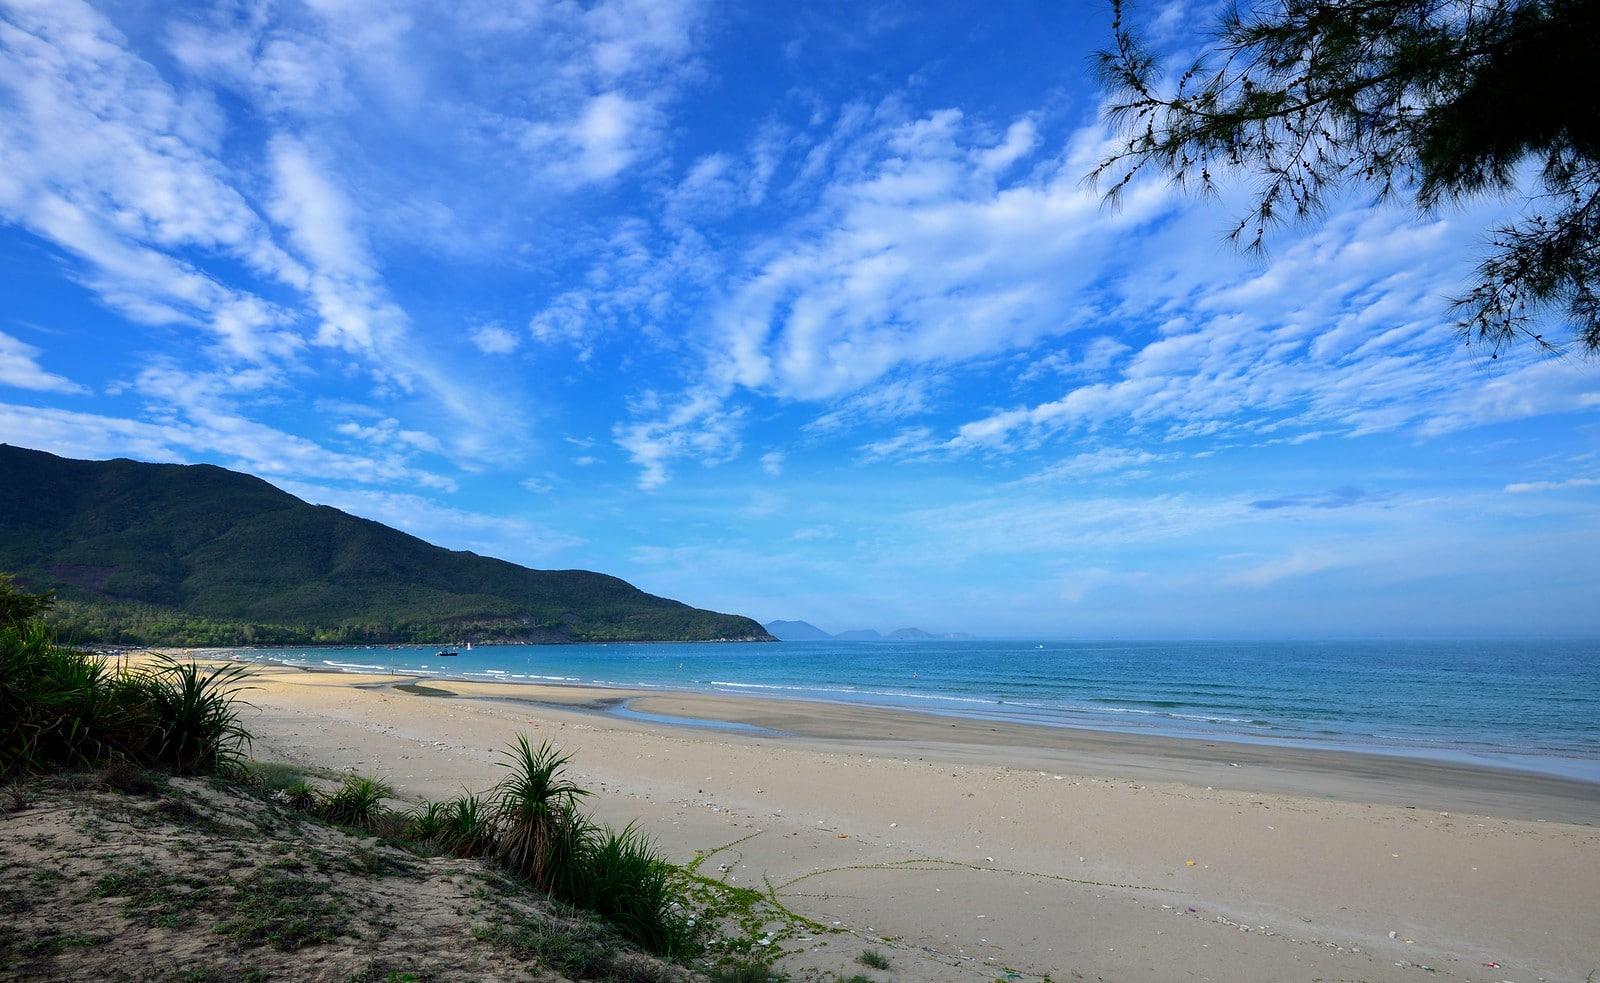 Bai Dai Beach in Cam Ranh Vietnam